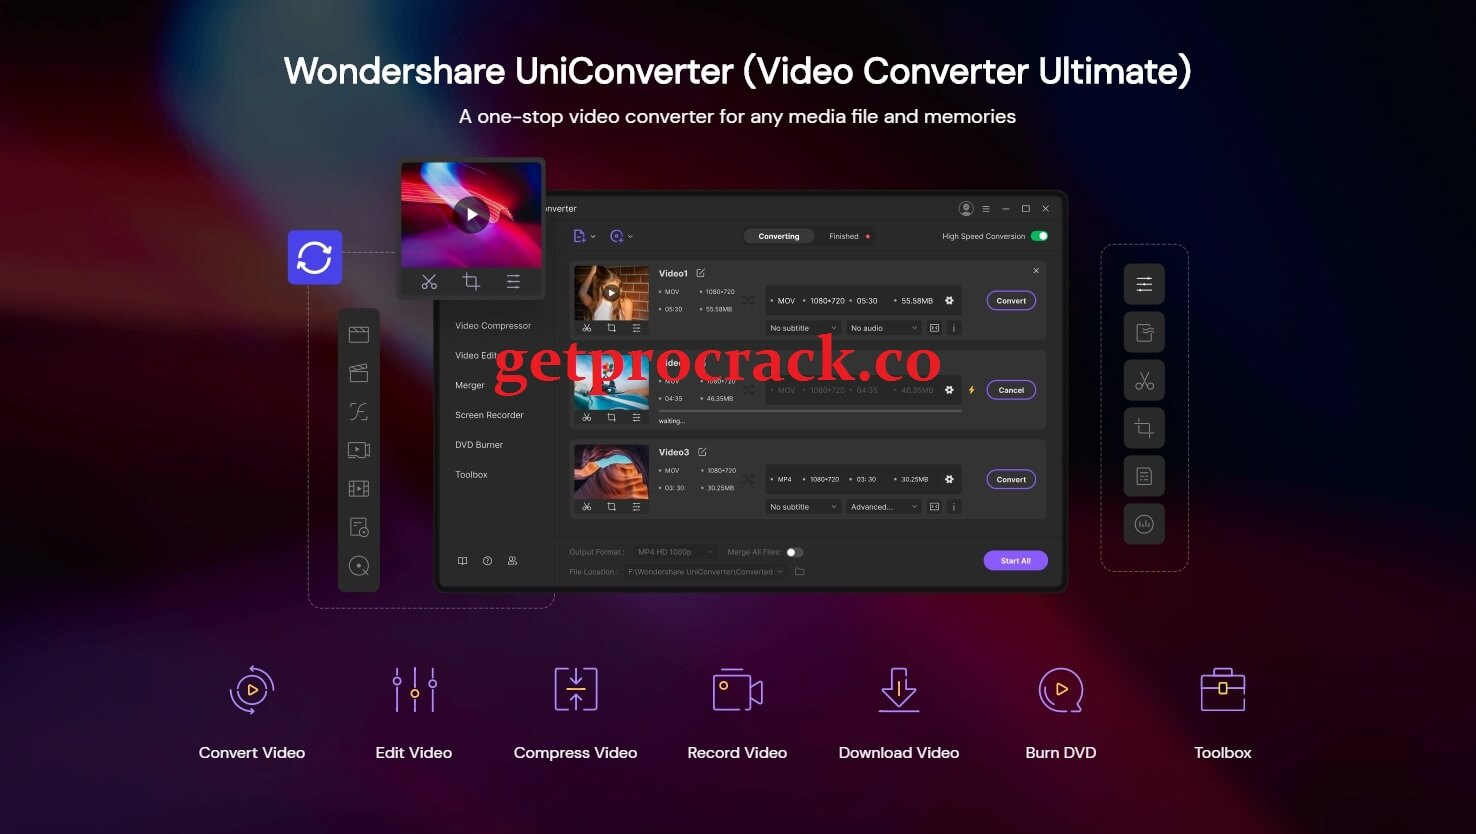 Wondershare UniConverter 12.5.1.8 Crack 2021 Full Registration Code [License Key]